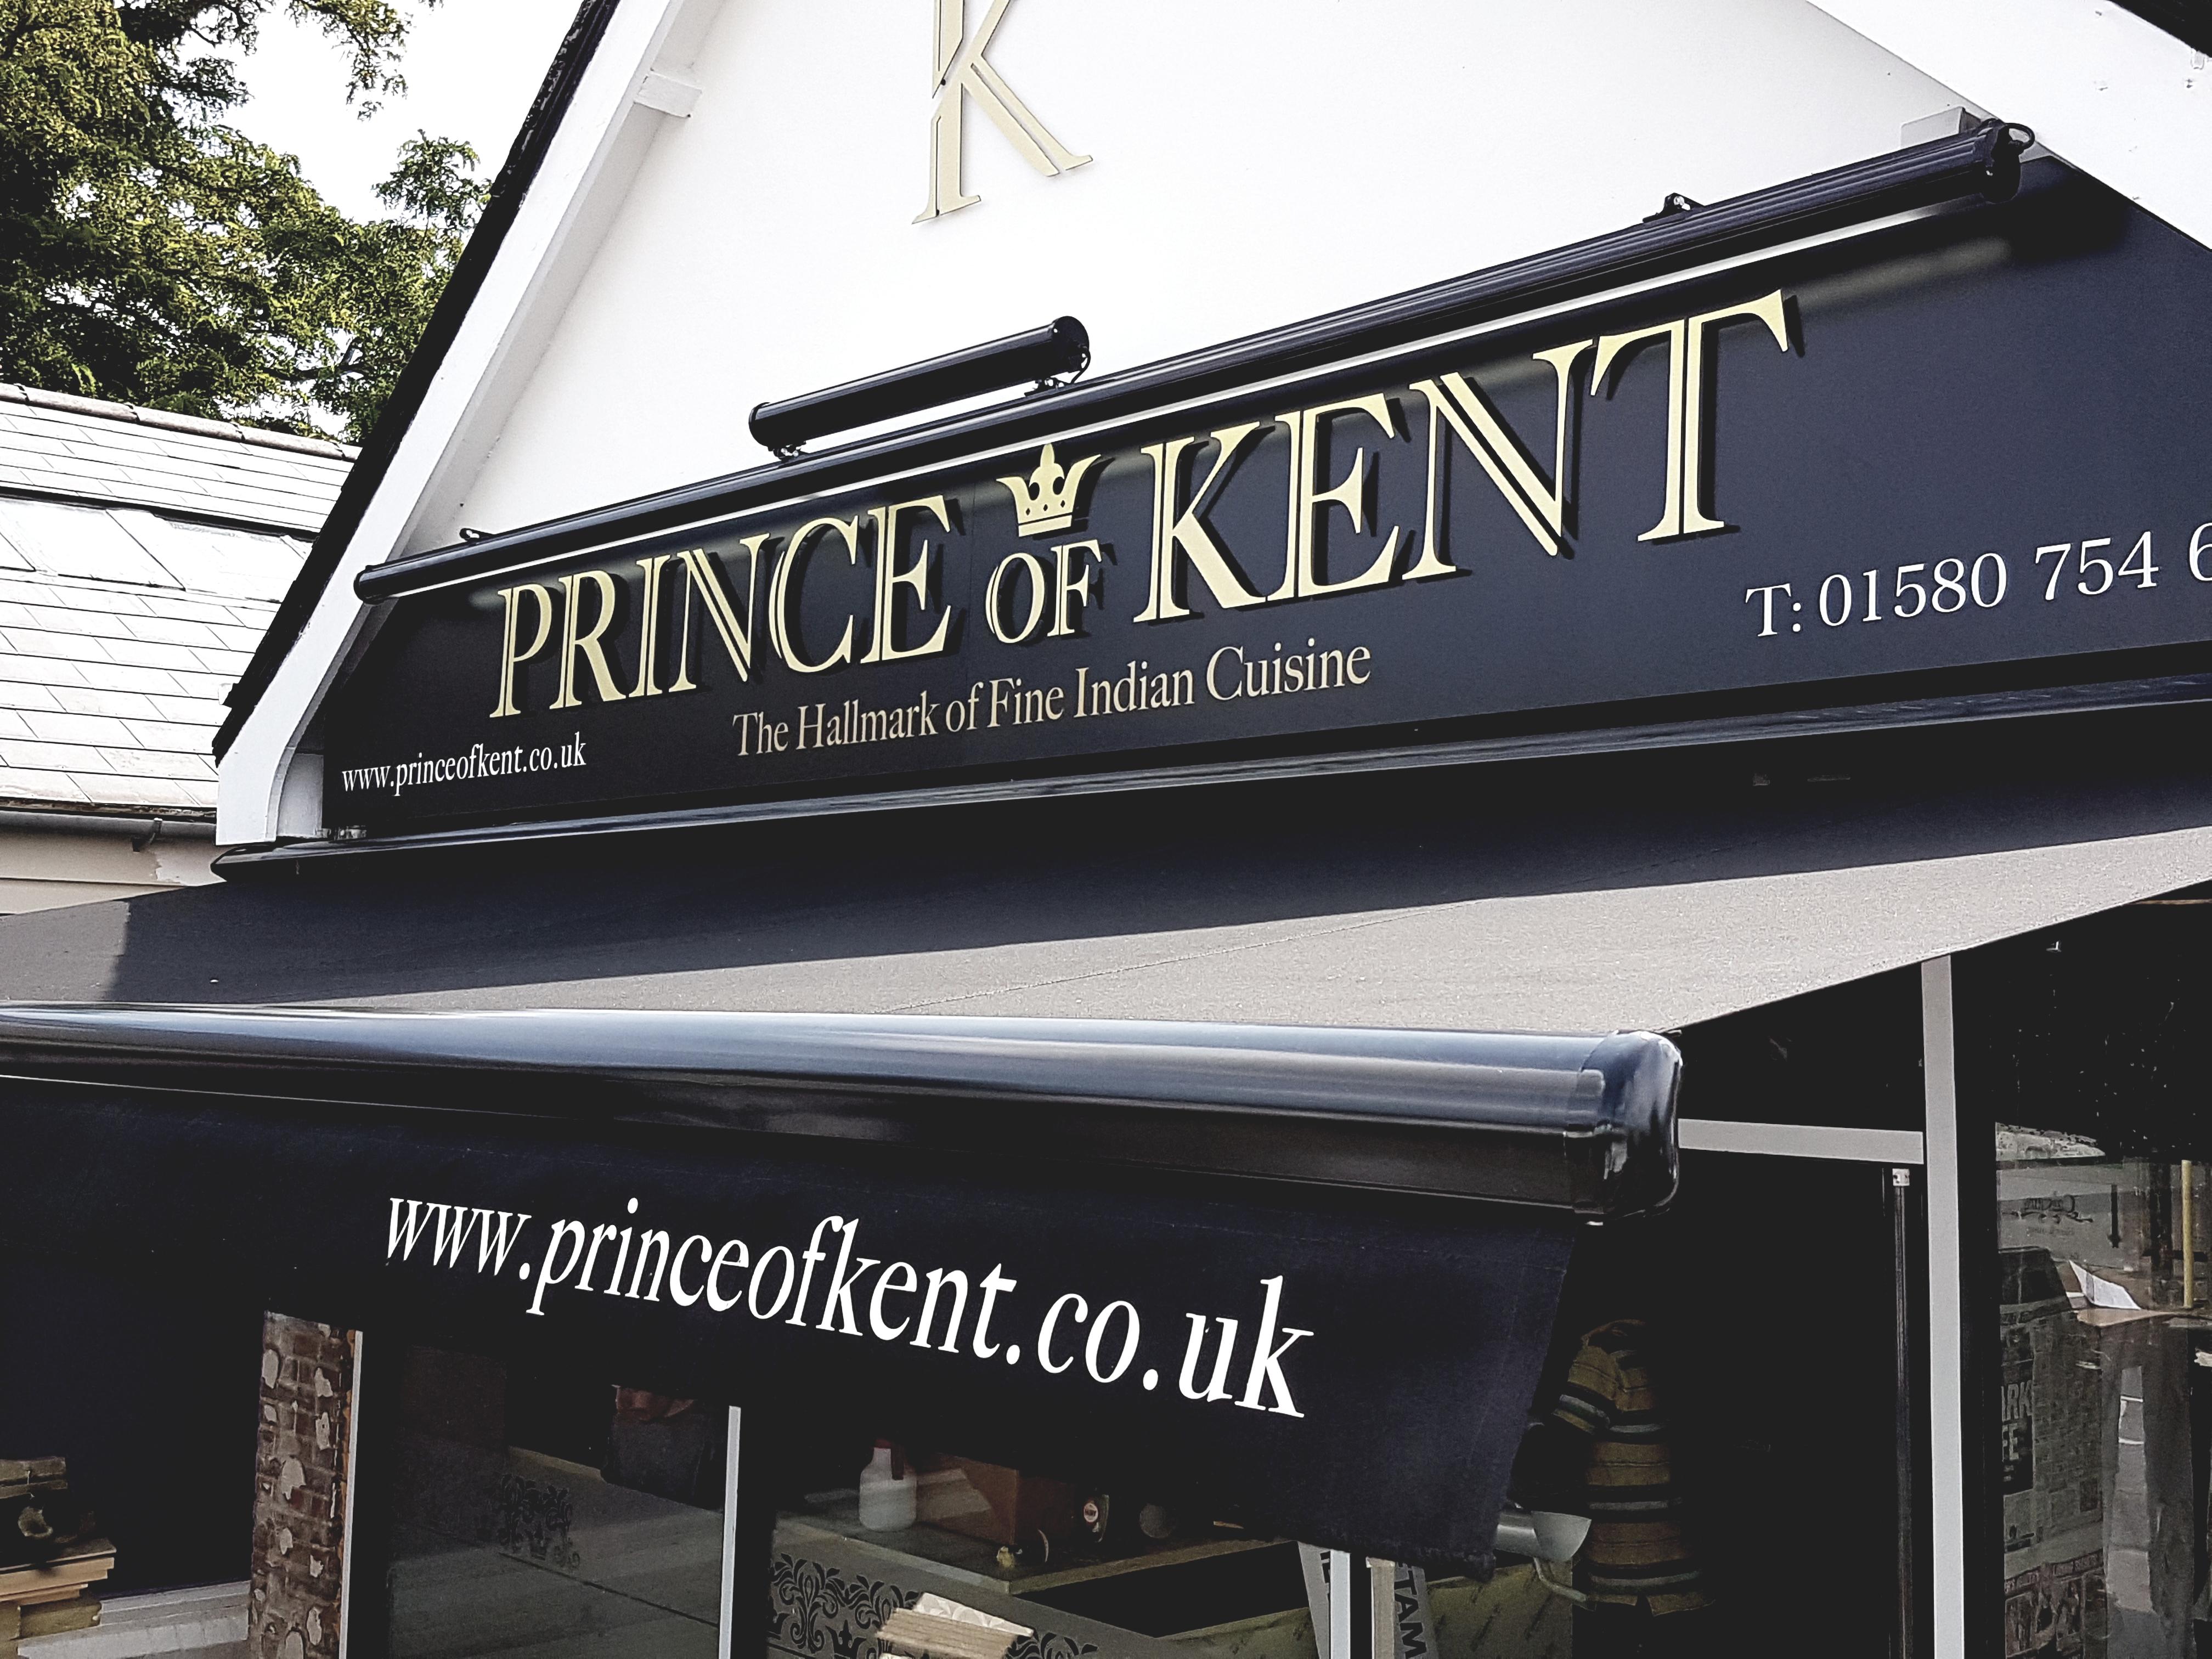 Prince of kent